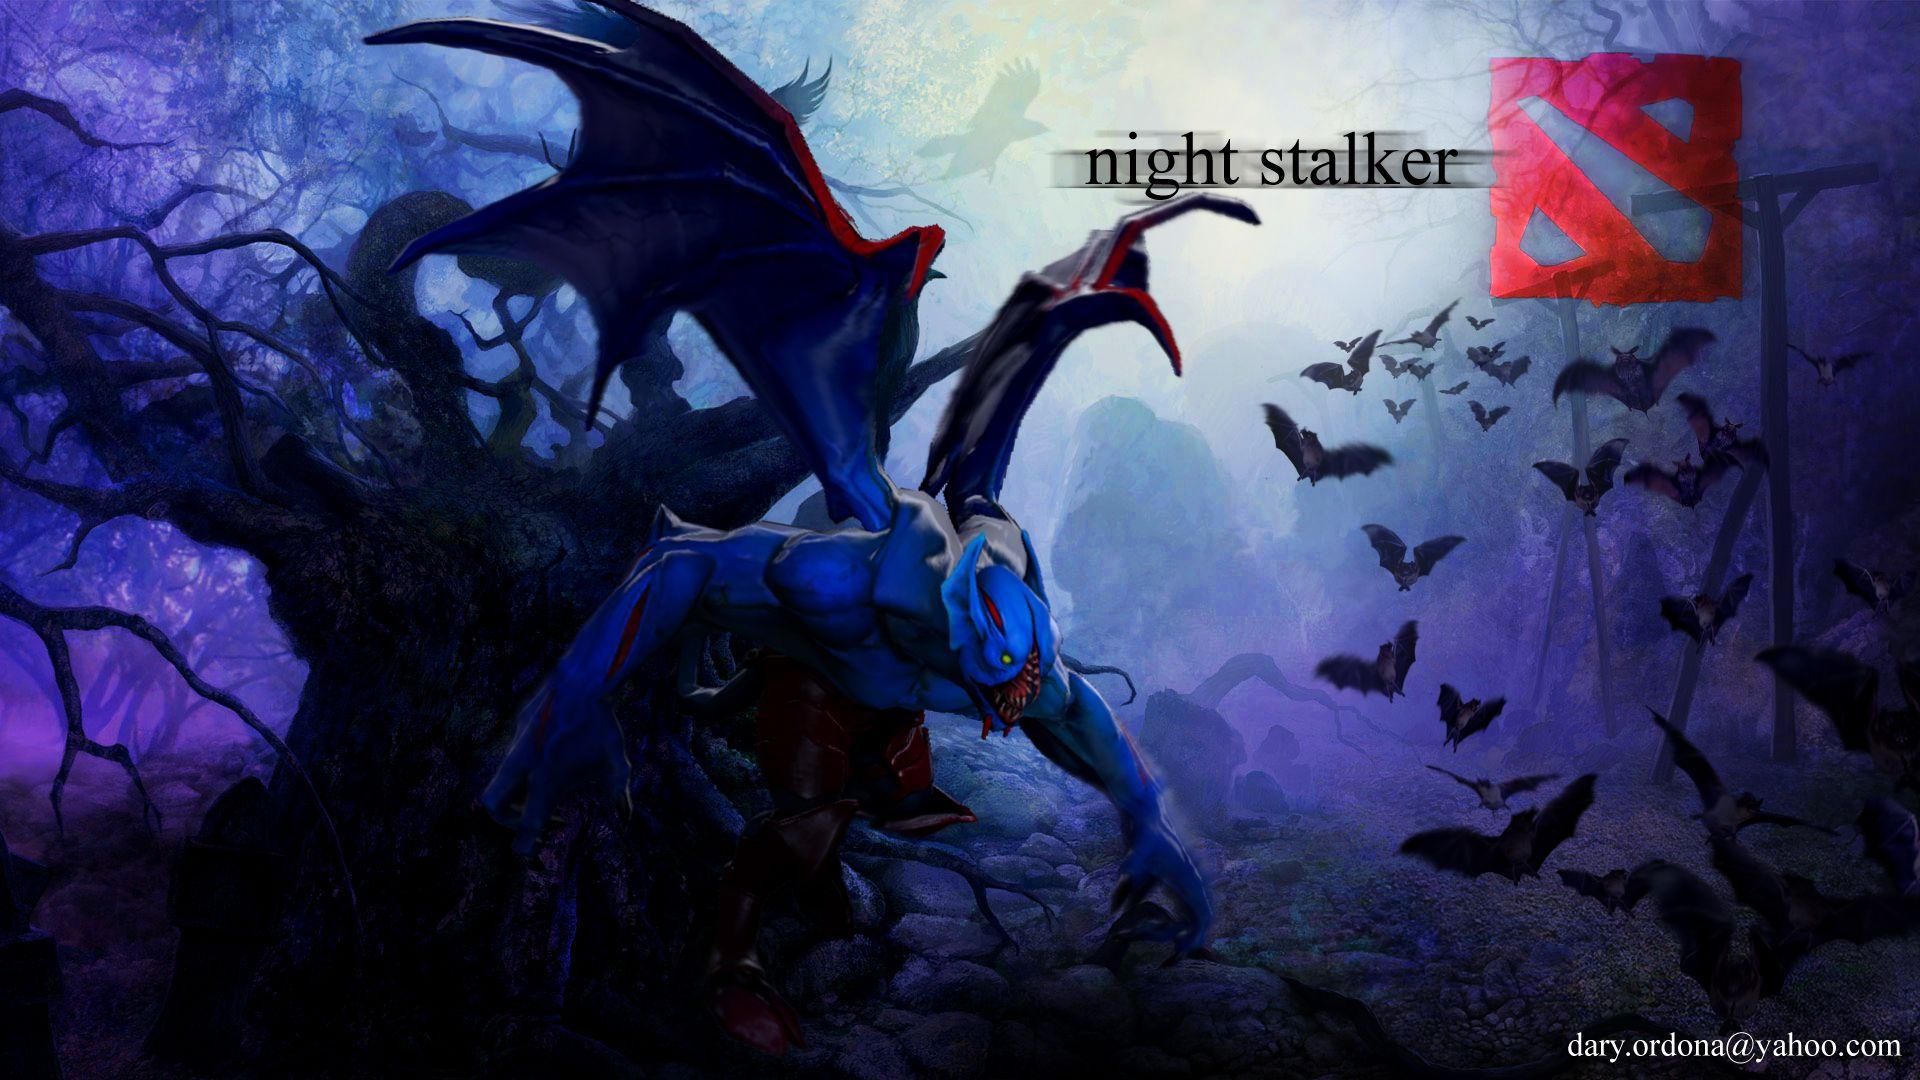 Night Stalker Dota 2 Dota In 2019 Dota 2 Dota 2 Wallpaper